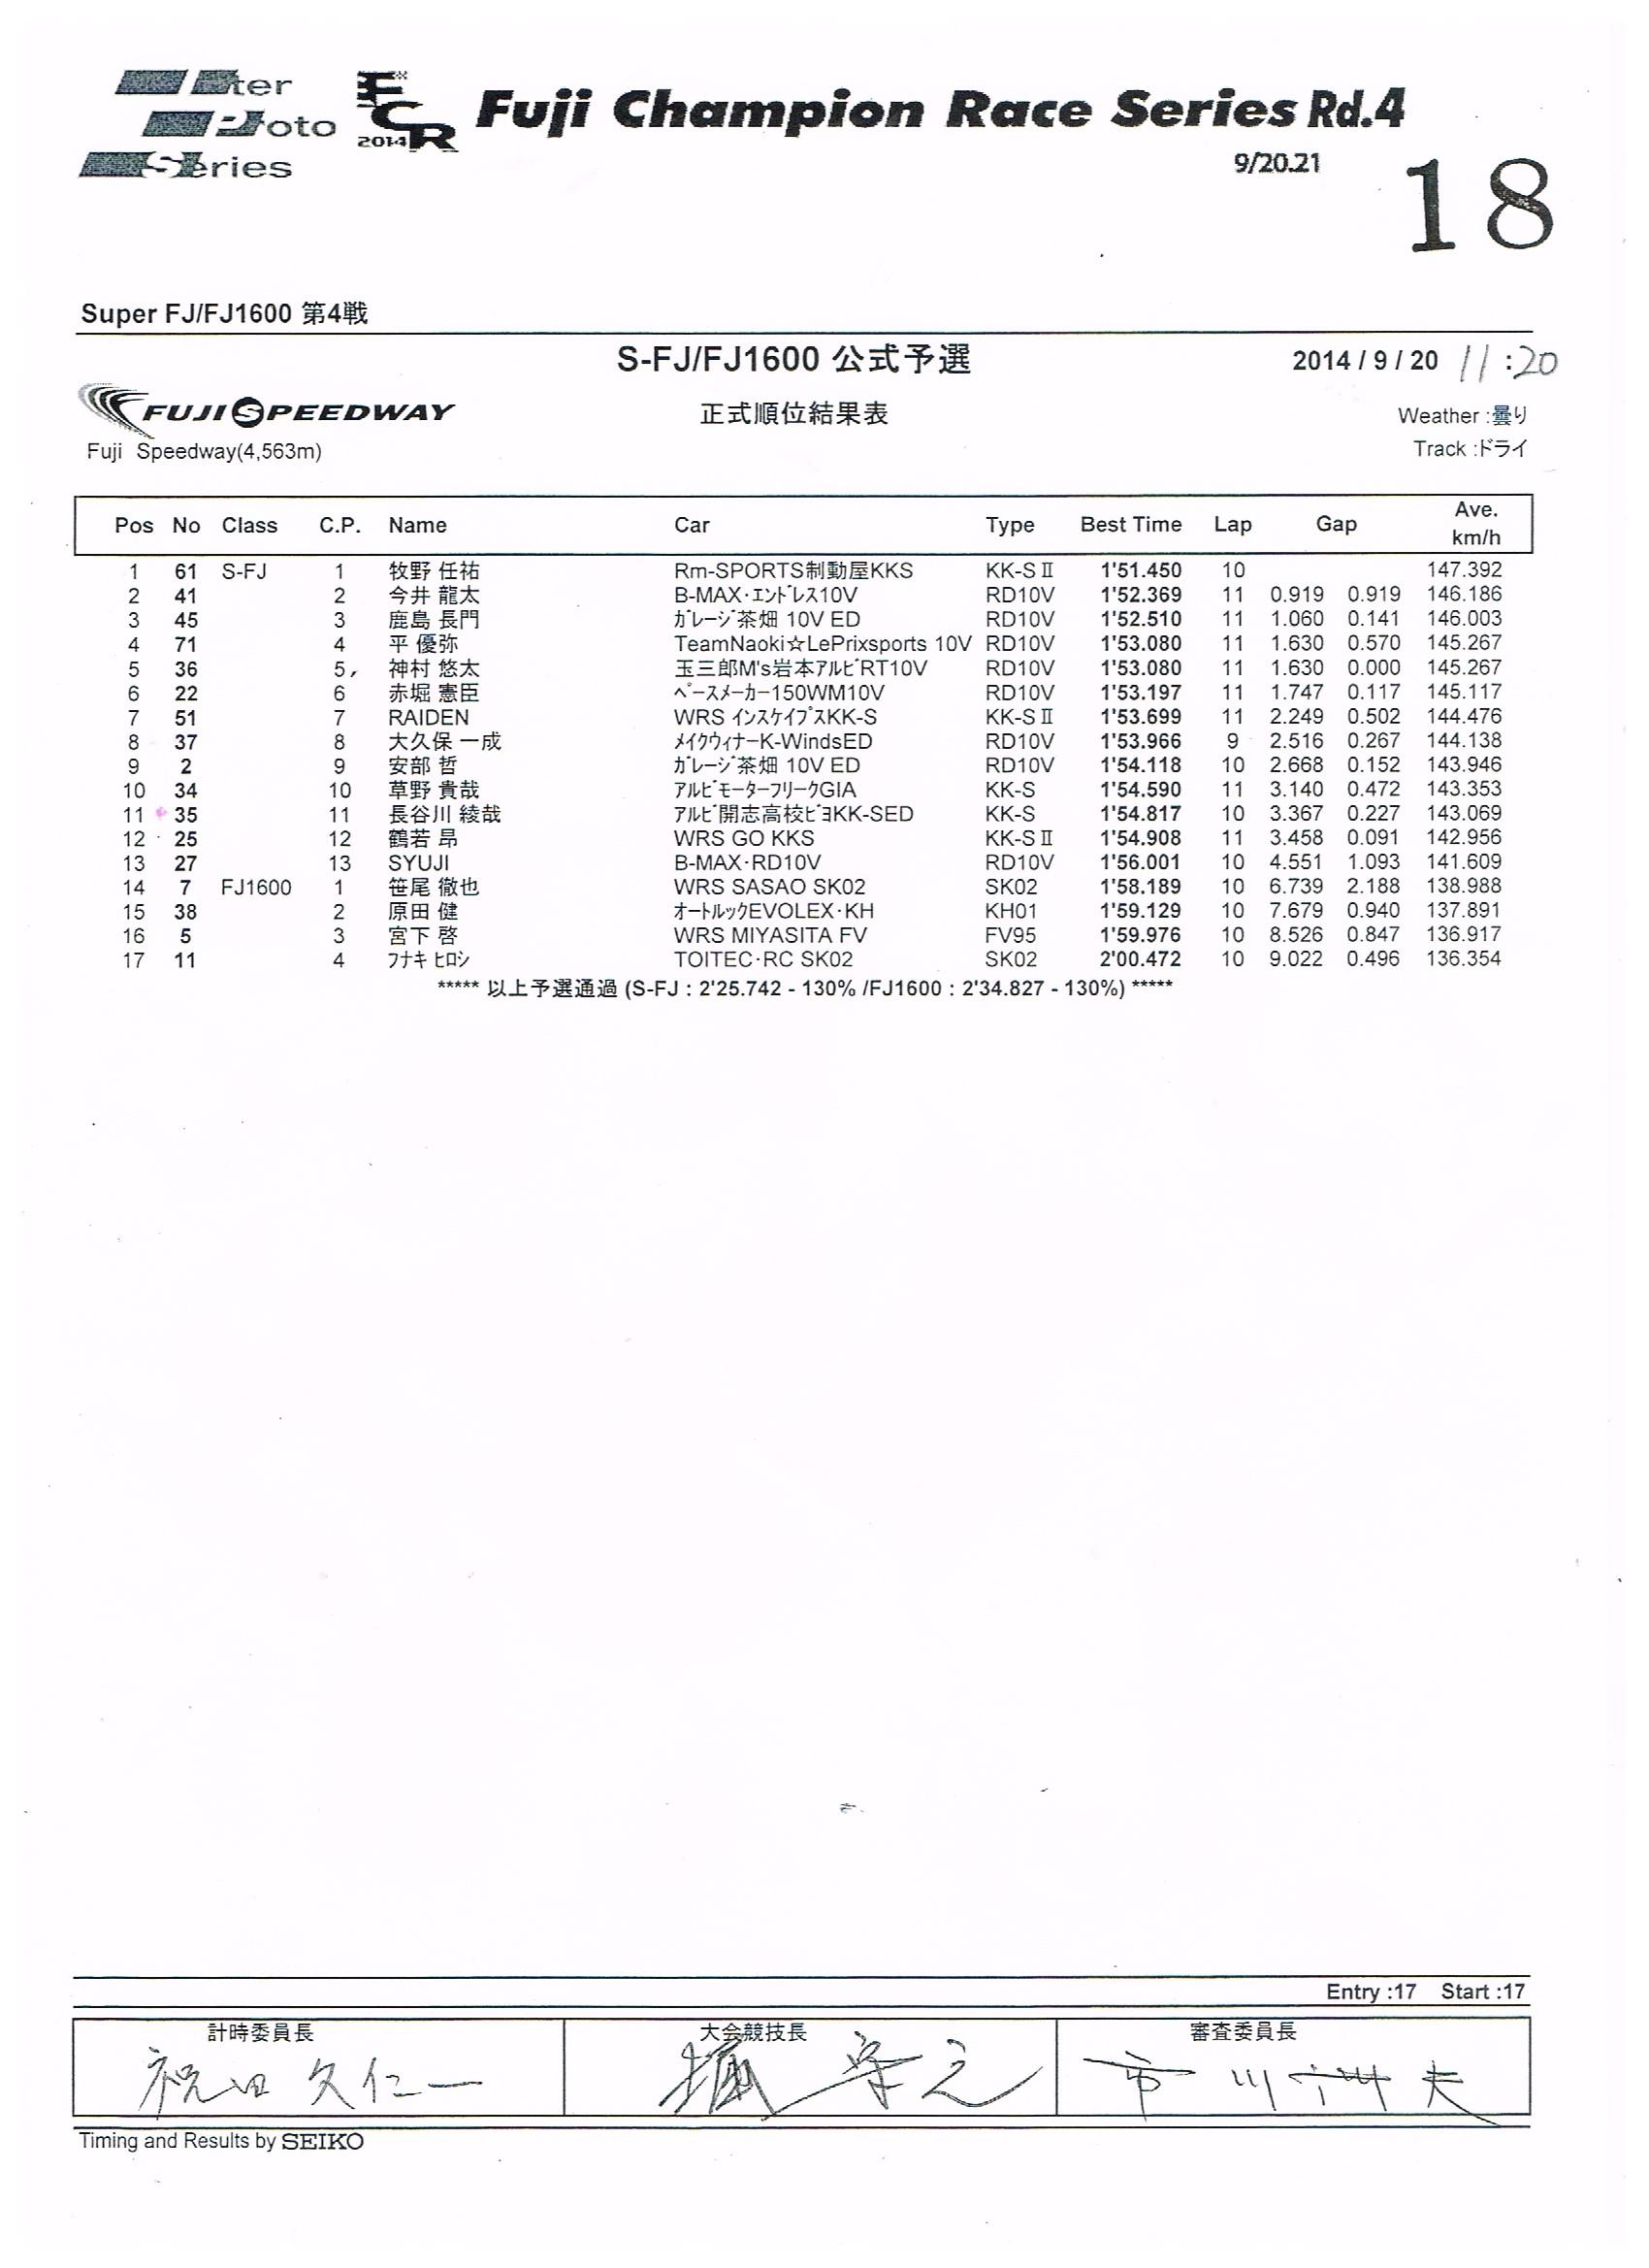 2014富士Rd.4予選リザルト